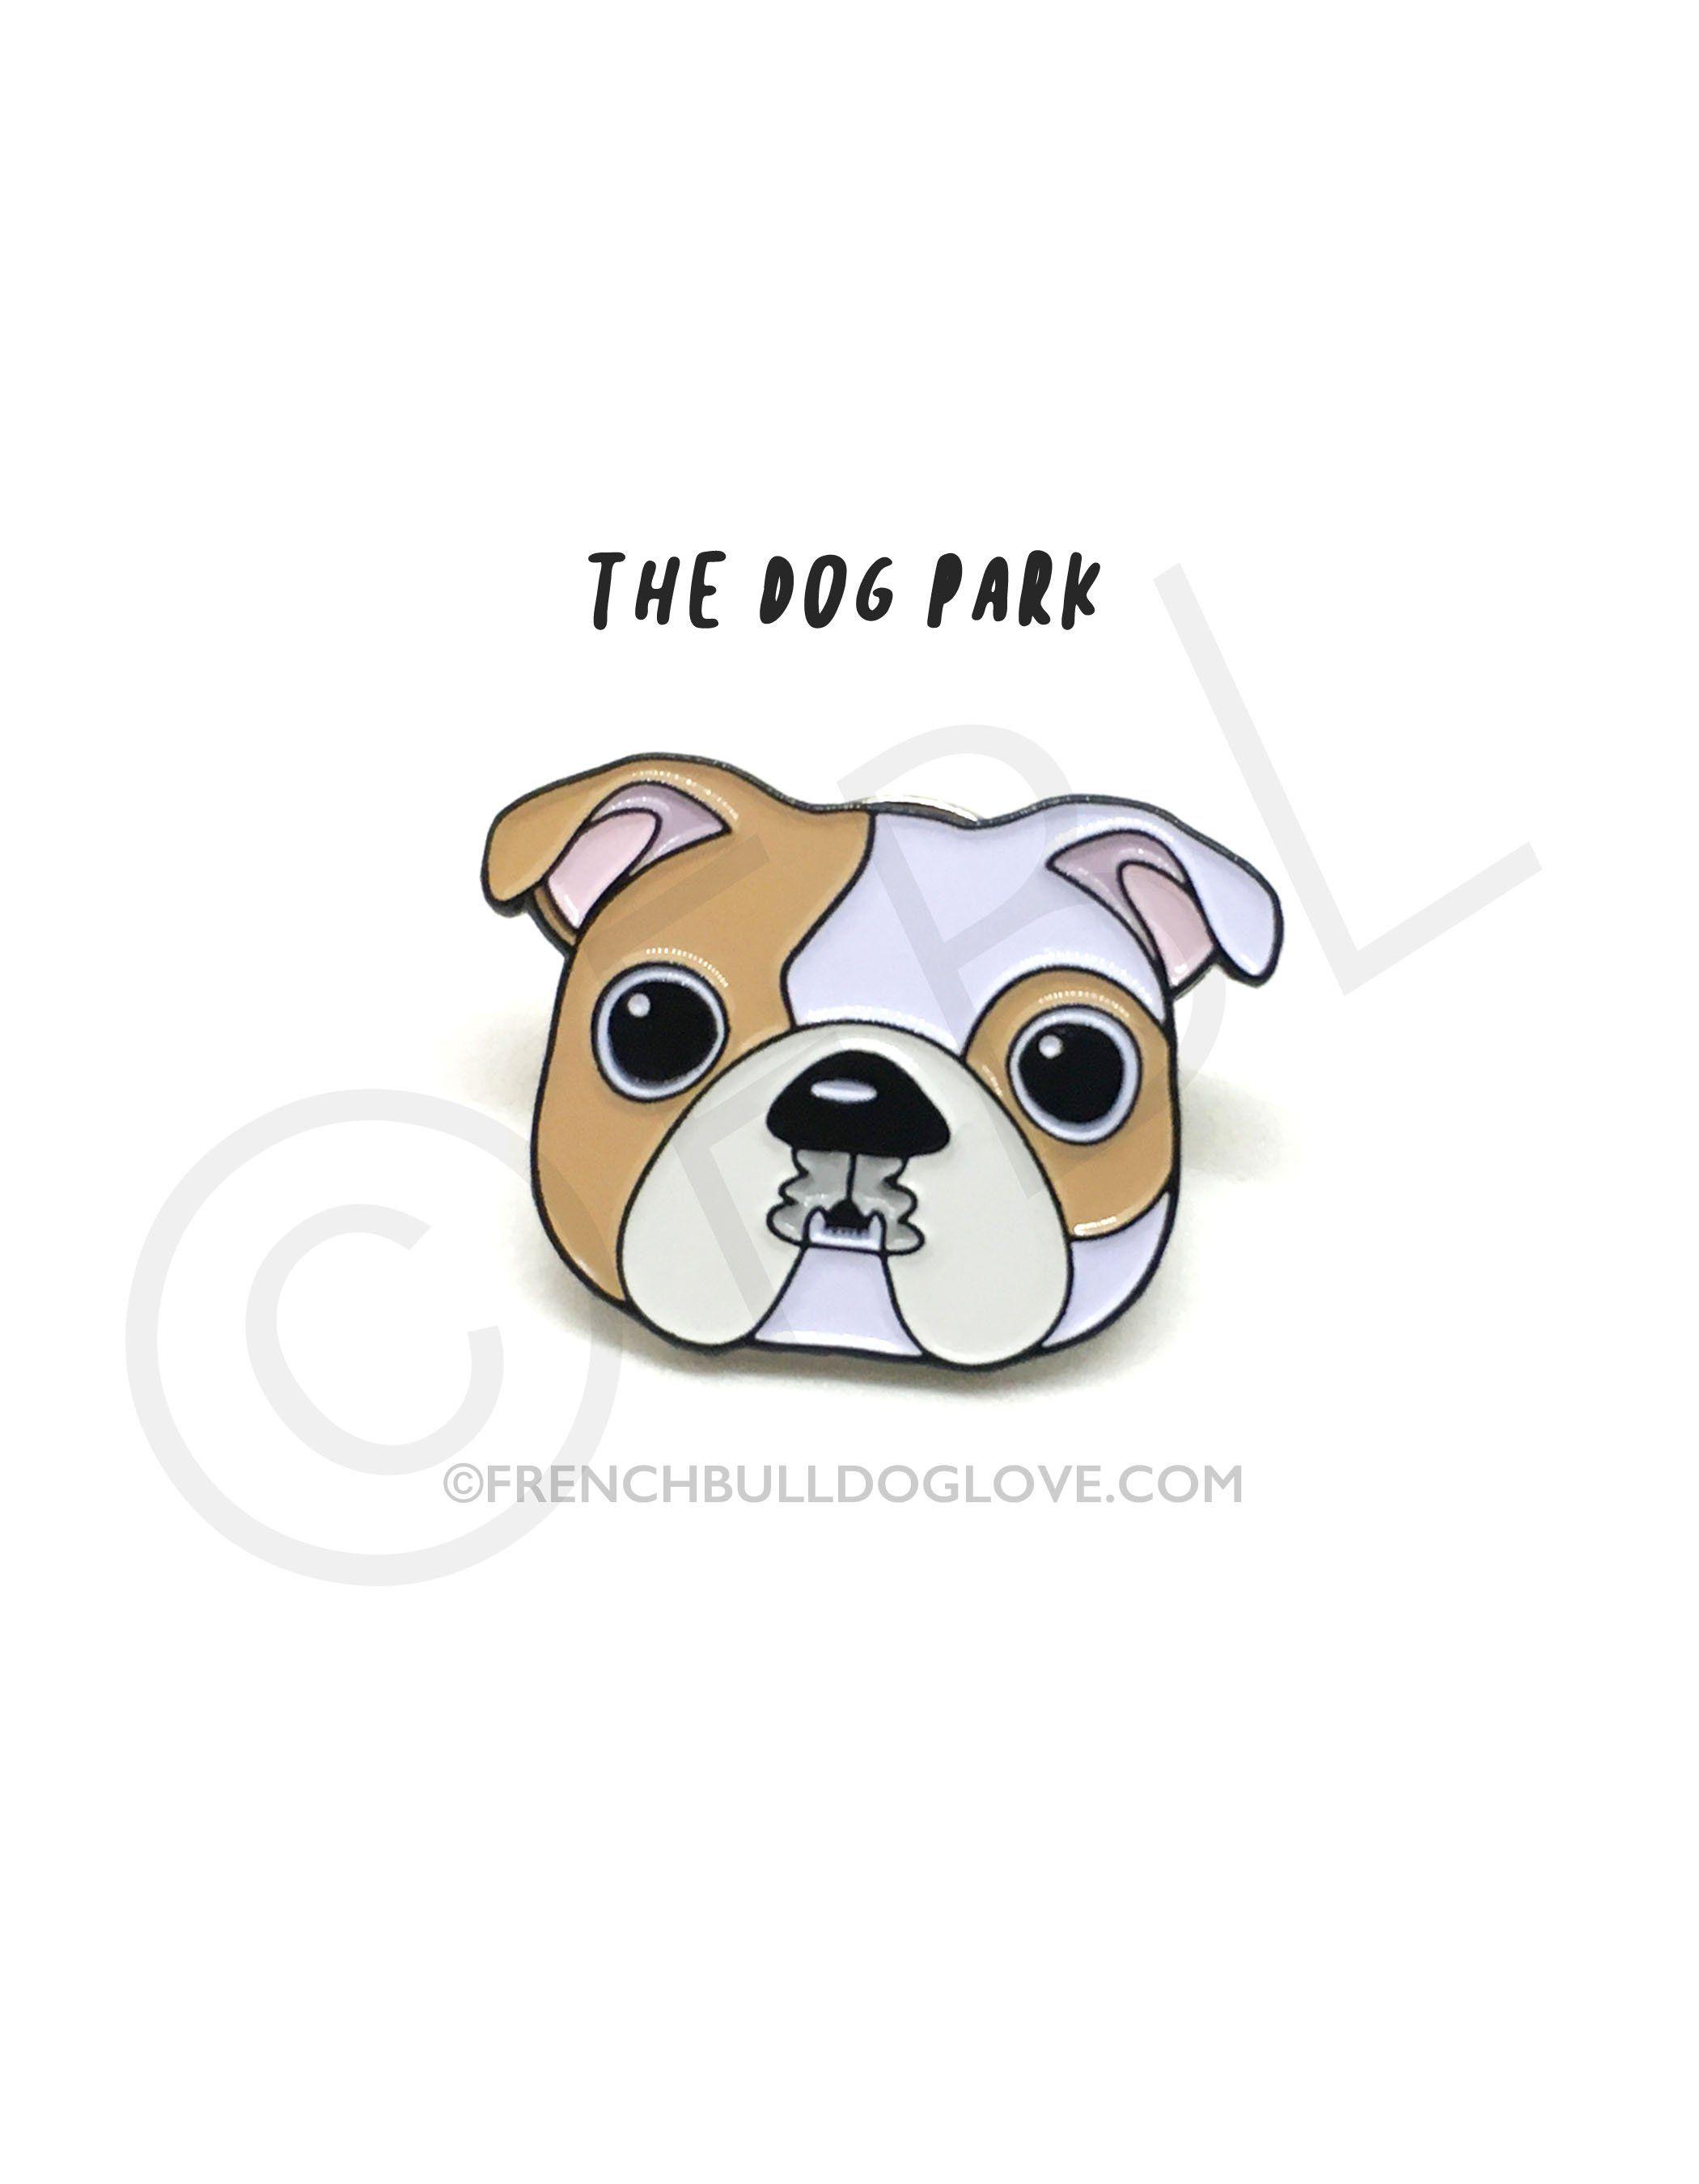 Bulldog Enamel Pin Pied Bulldog Dog Park Bulldog Bulldog Lover